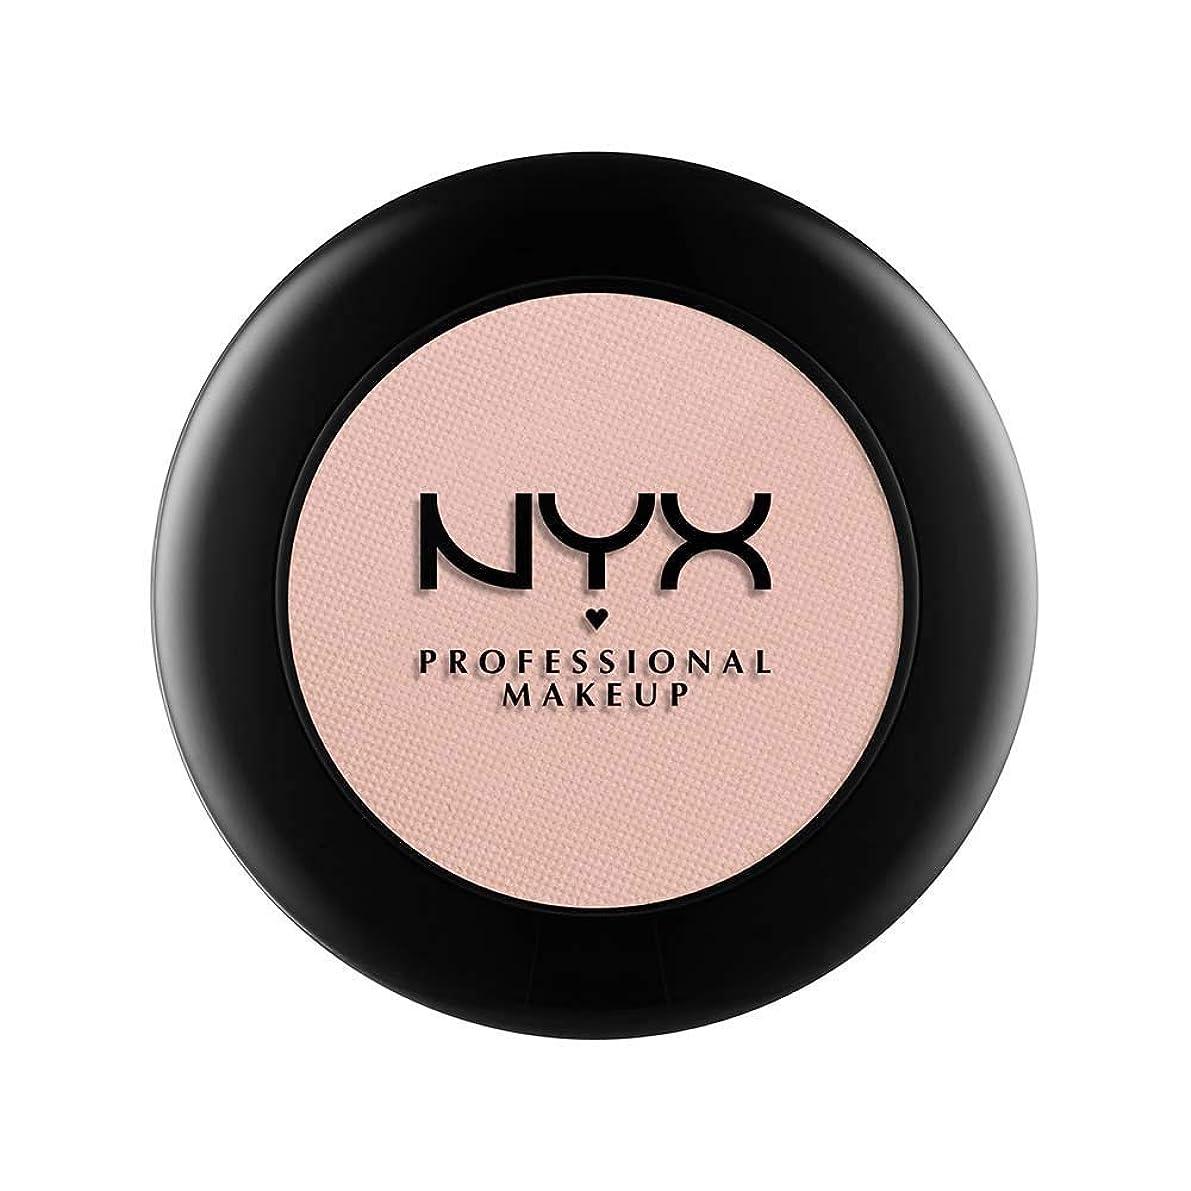 ルネッサンスさまよう枯渇NYX(ニックス) ヌード マット シャドウ 17 カラーレザー アンド レース